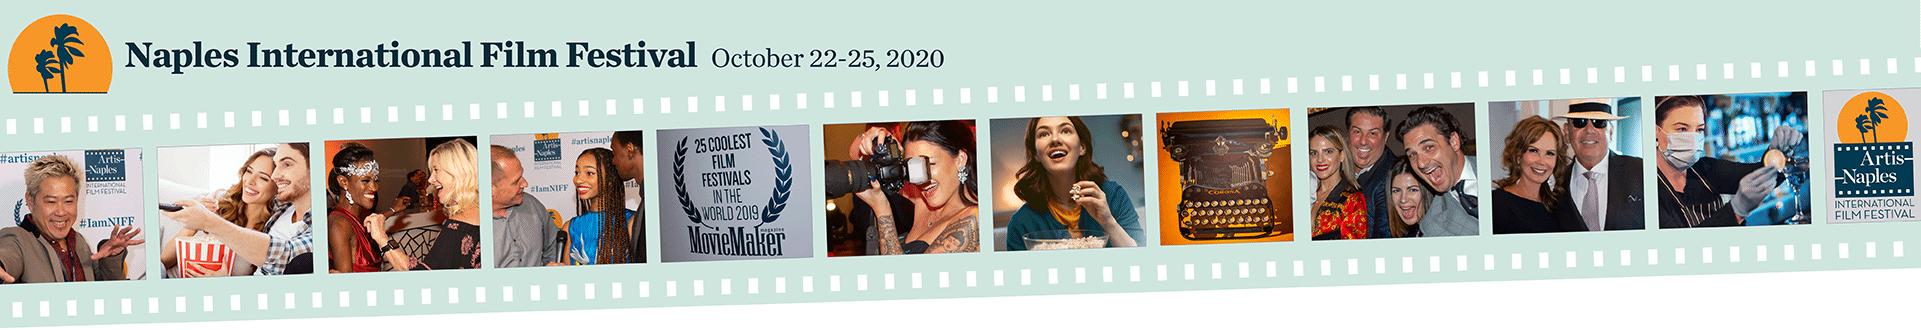 Naples International Film Festival